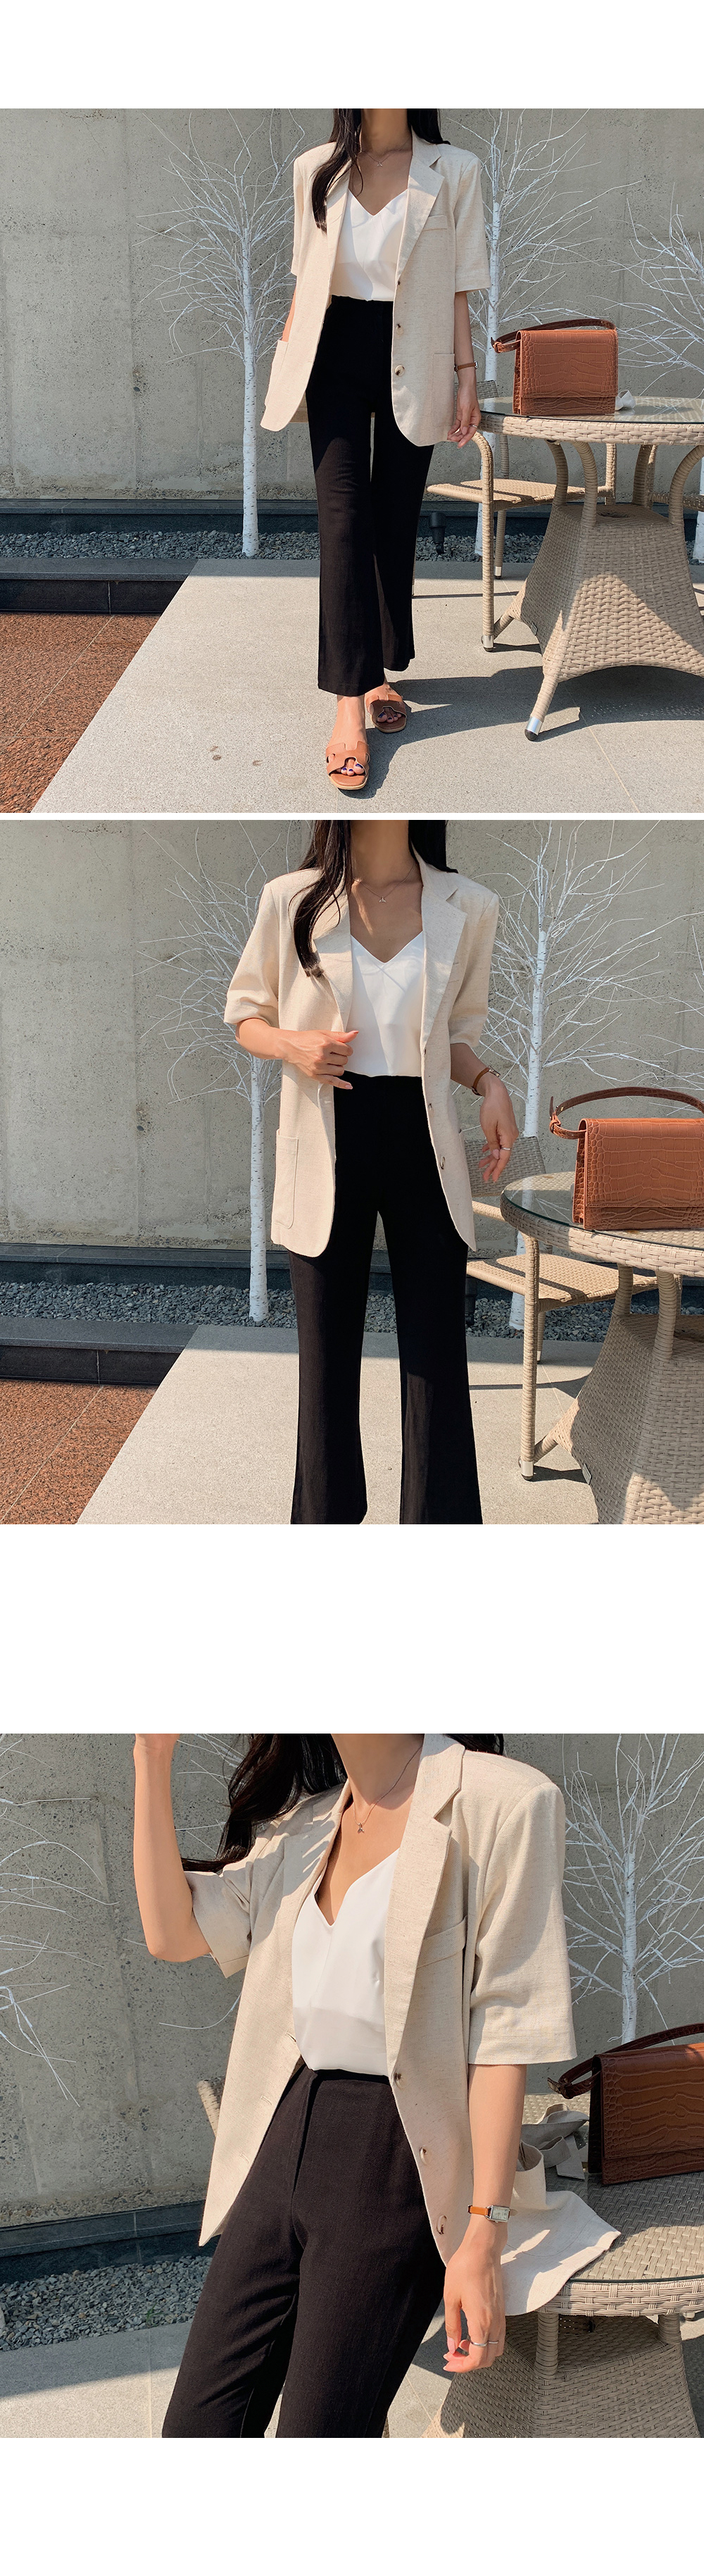 Short Sleeve Linen Jacket with Strap-Holiholic